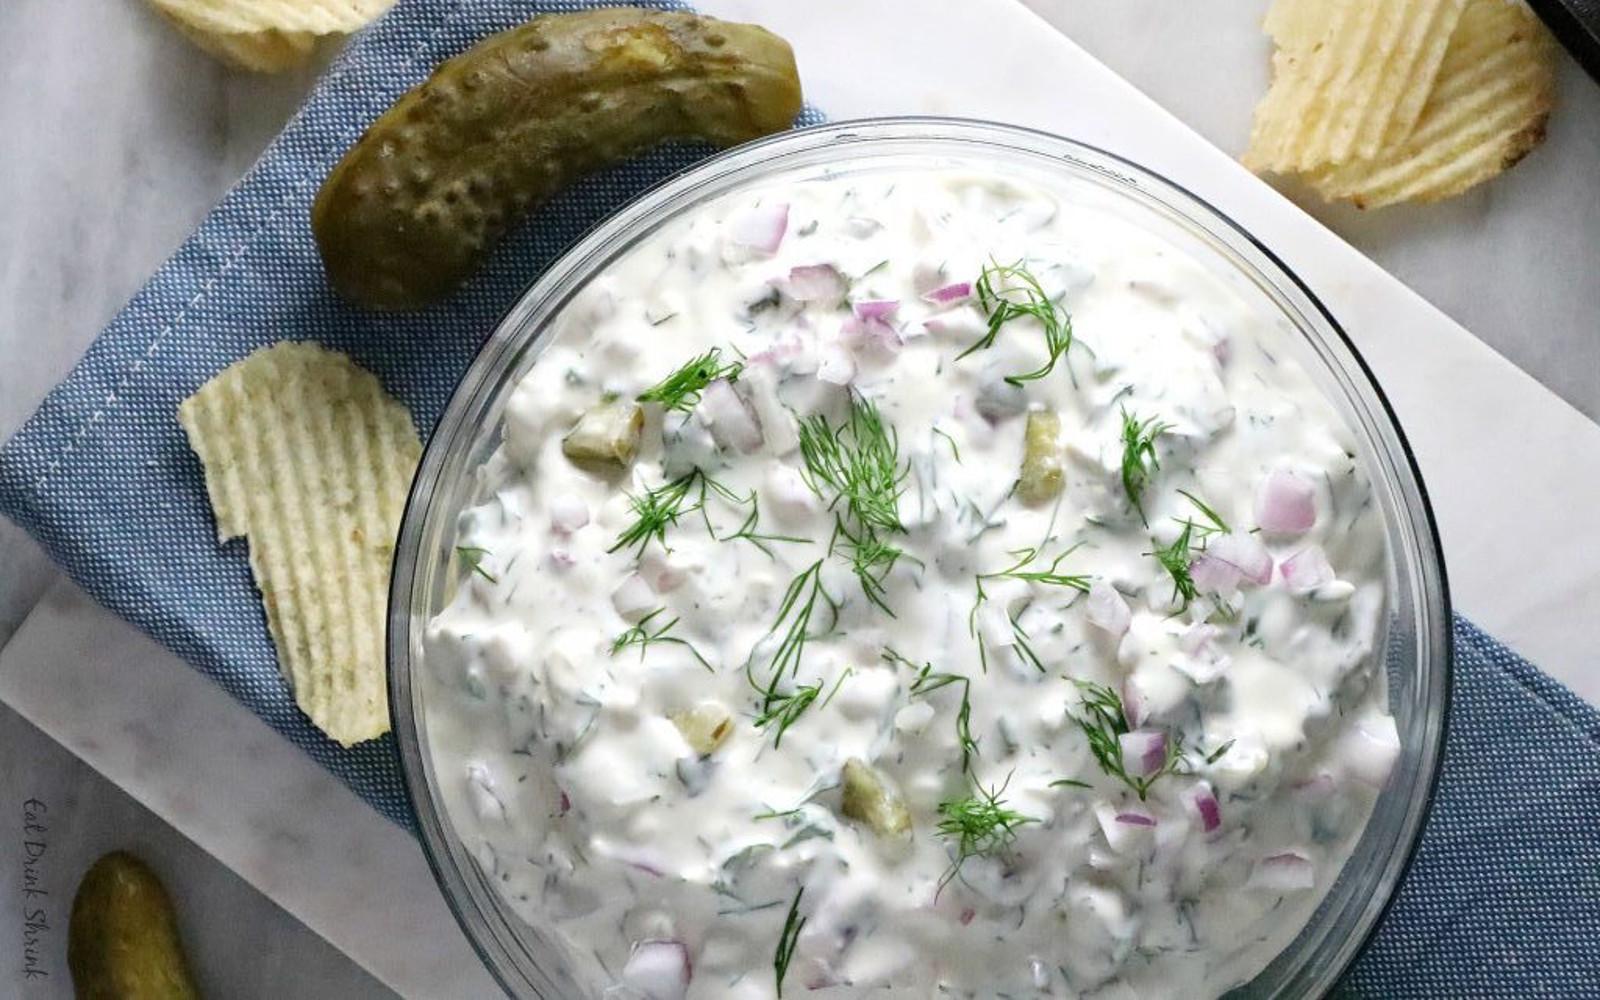 Jalapeño Pickle Dip